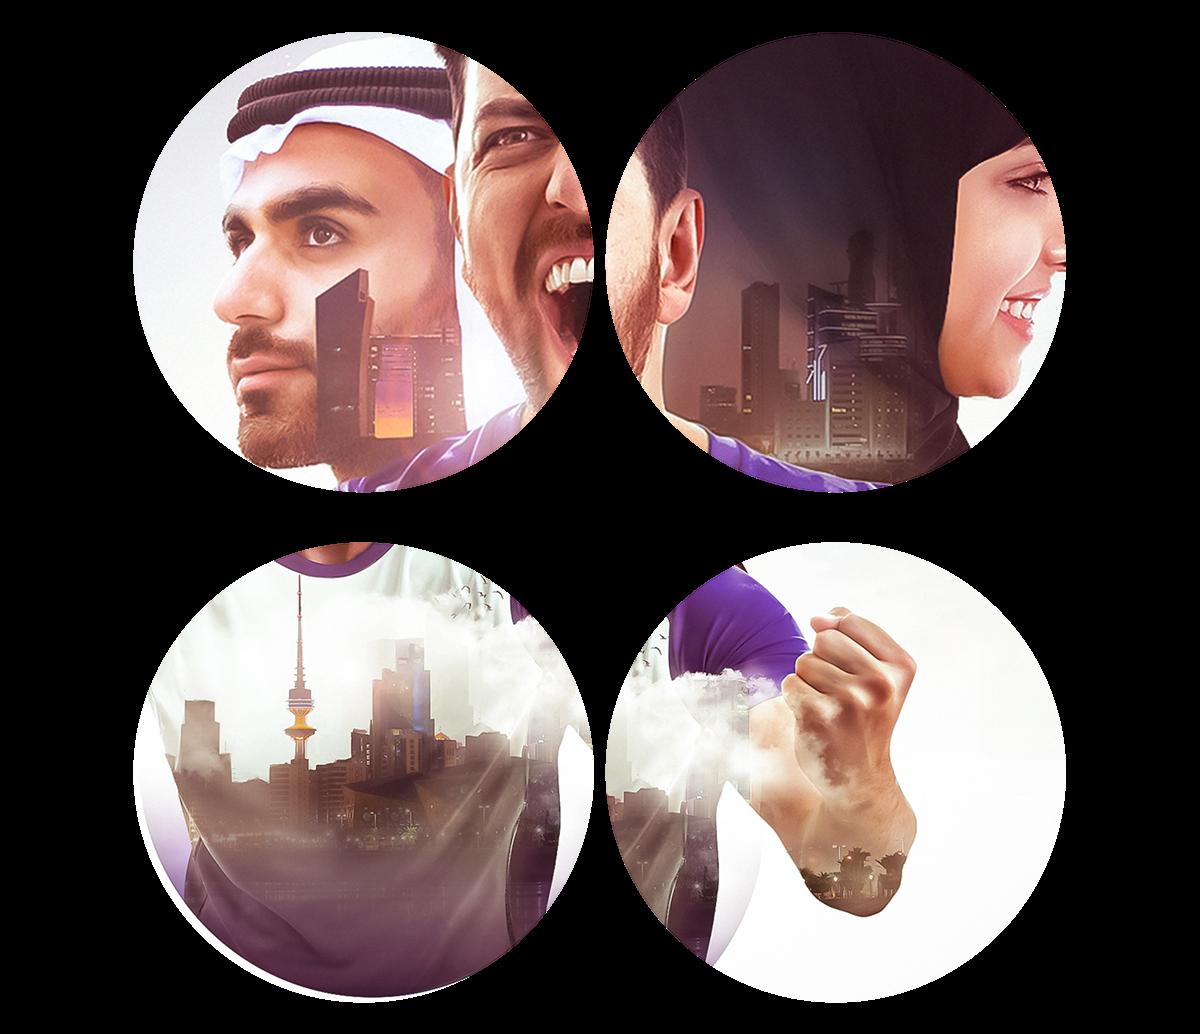 Kuwait animation  ILLUSTRATION  retouching  youth Travel challenge city